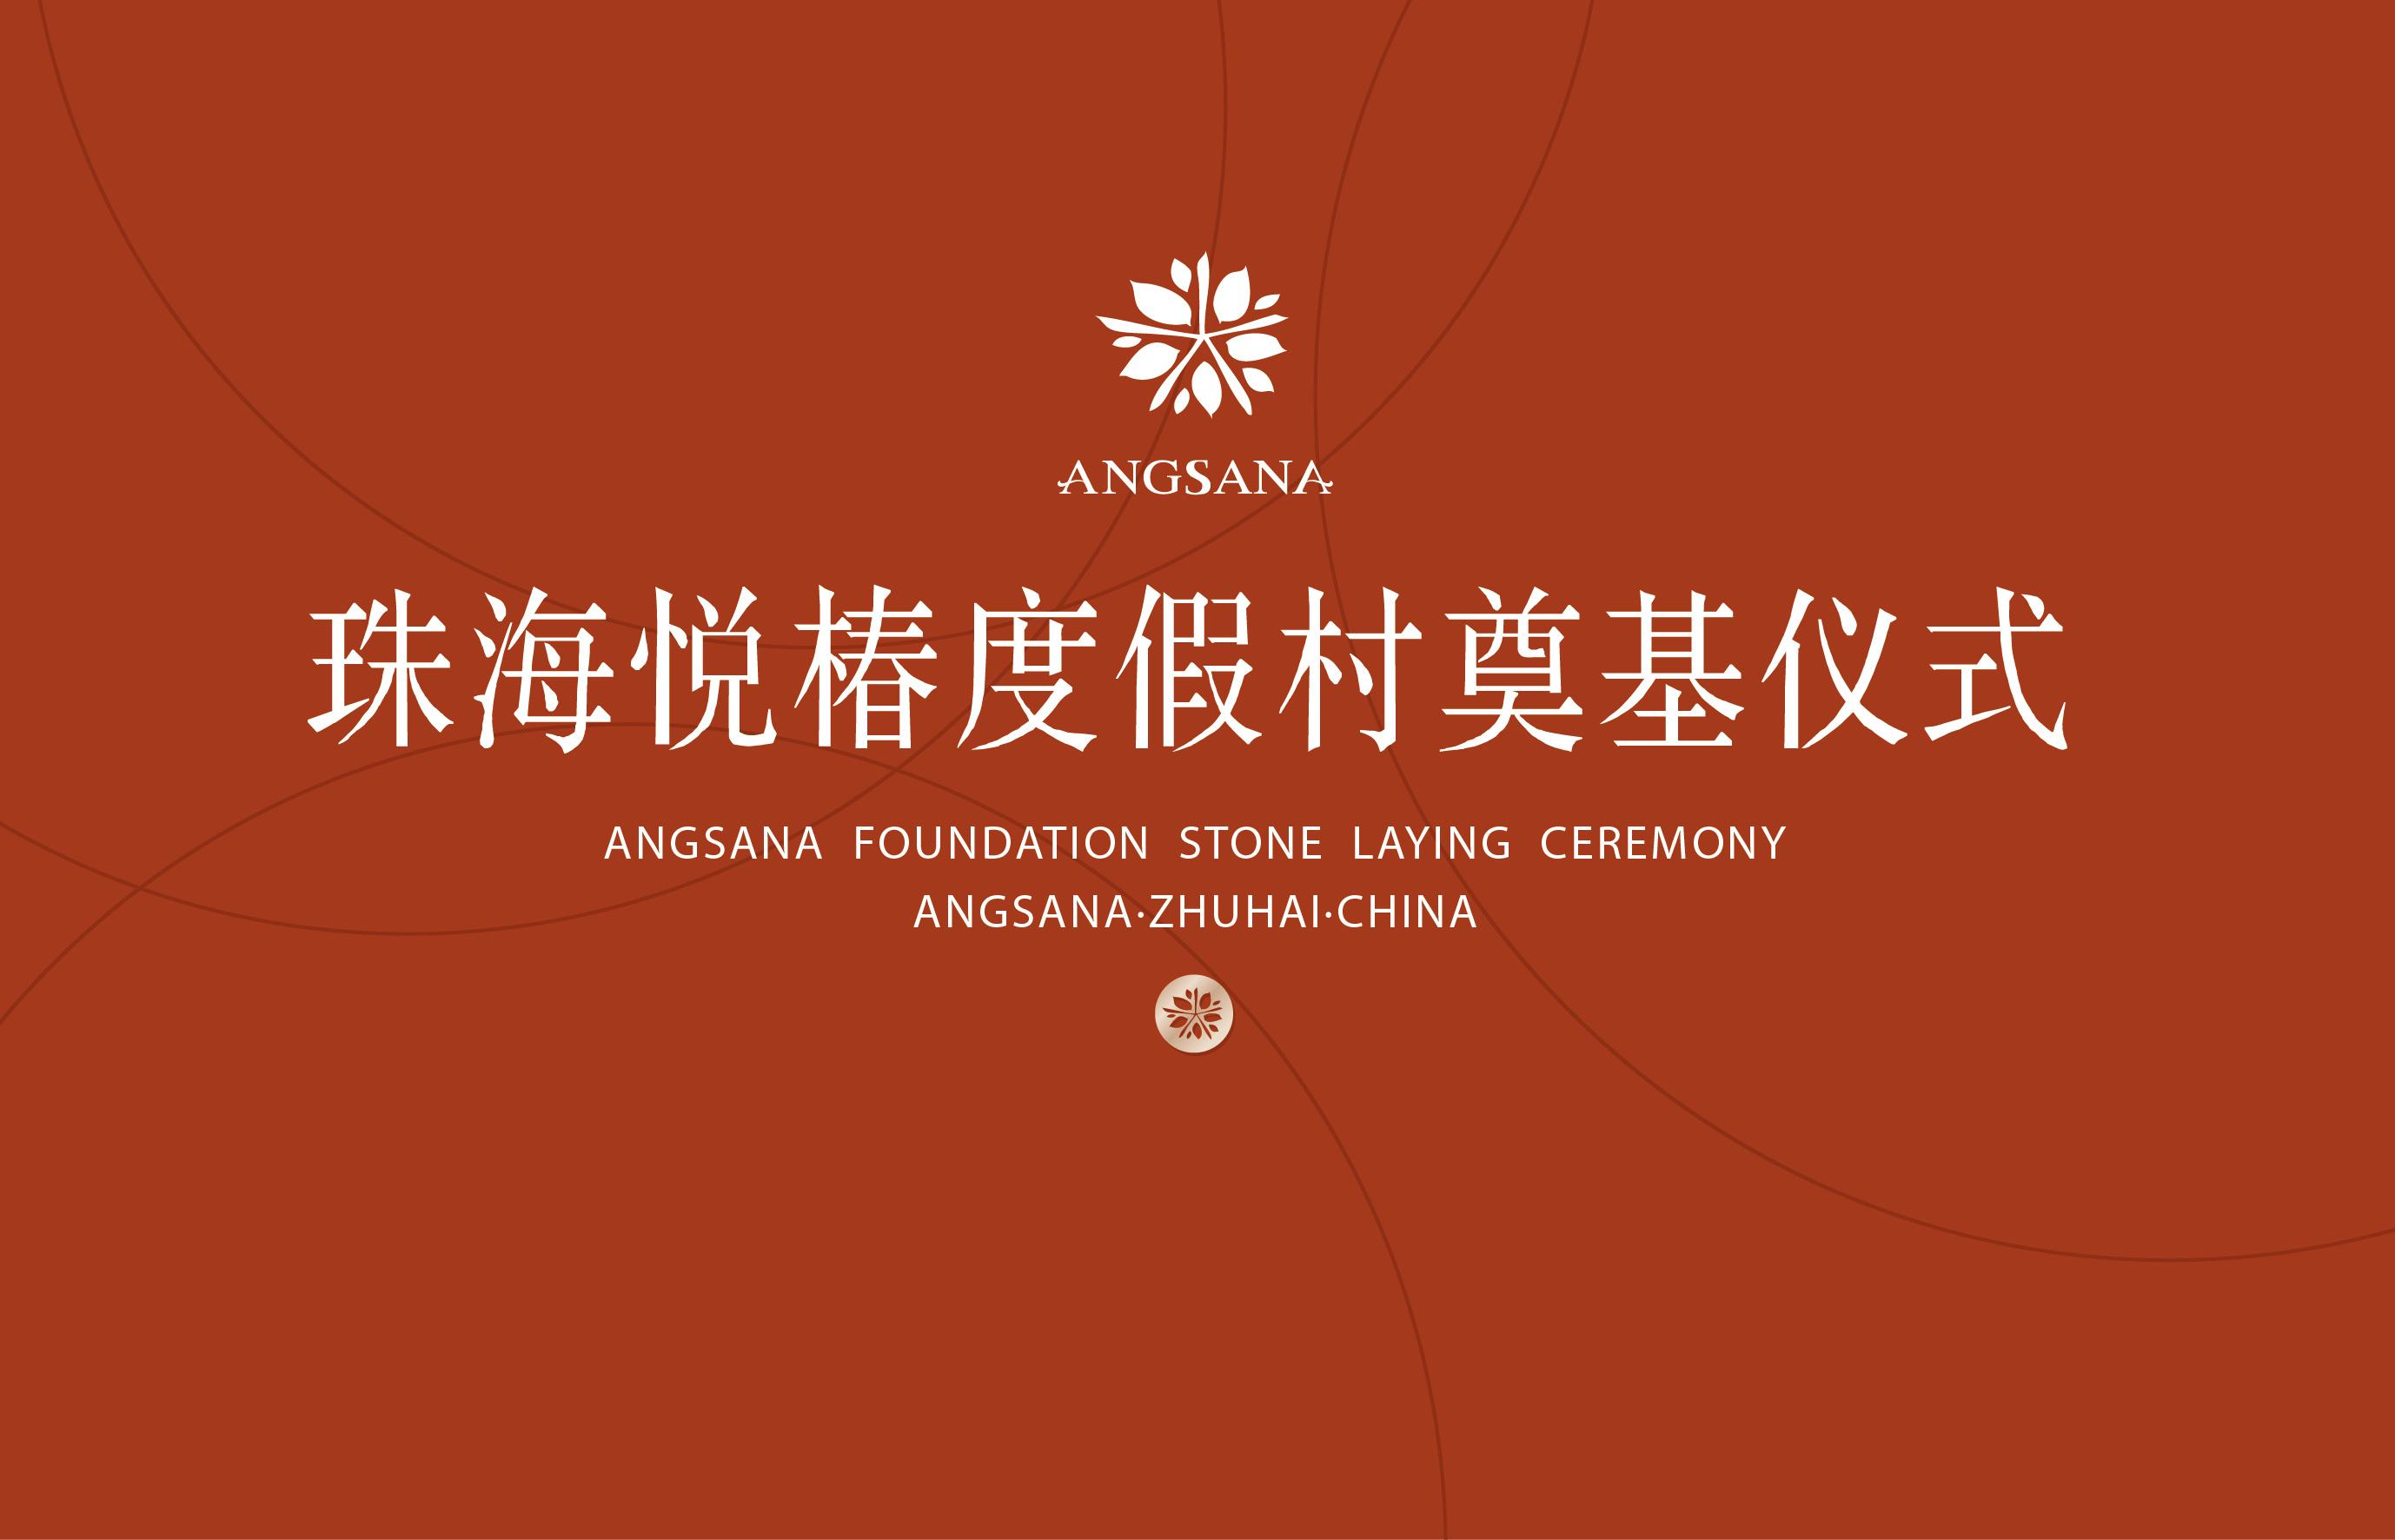 珠海悦椿度假村奠基仪式